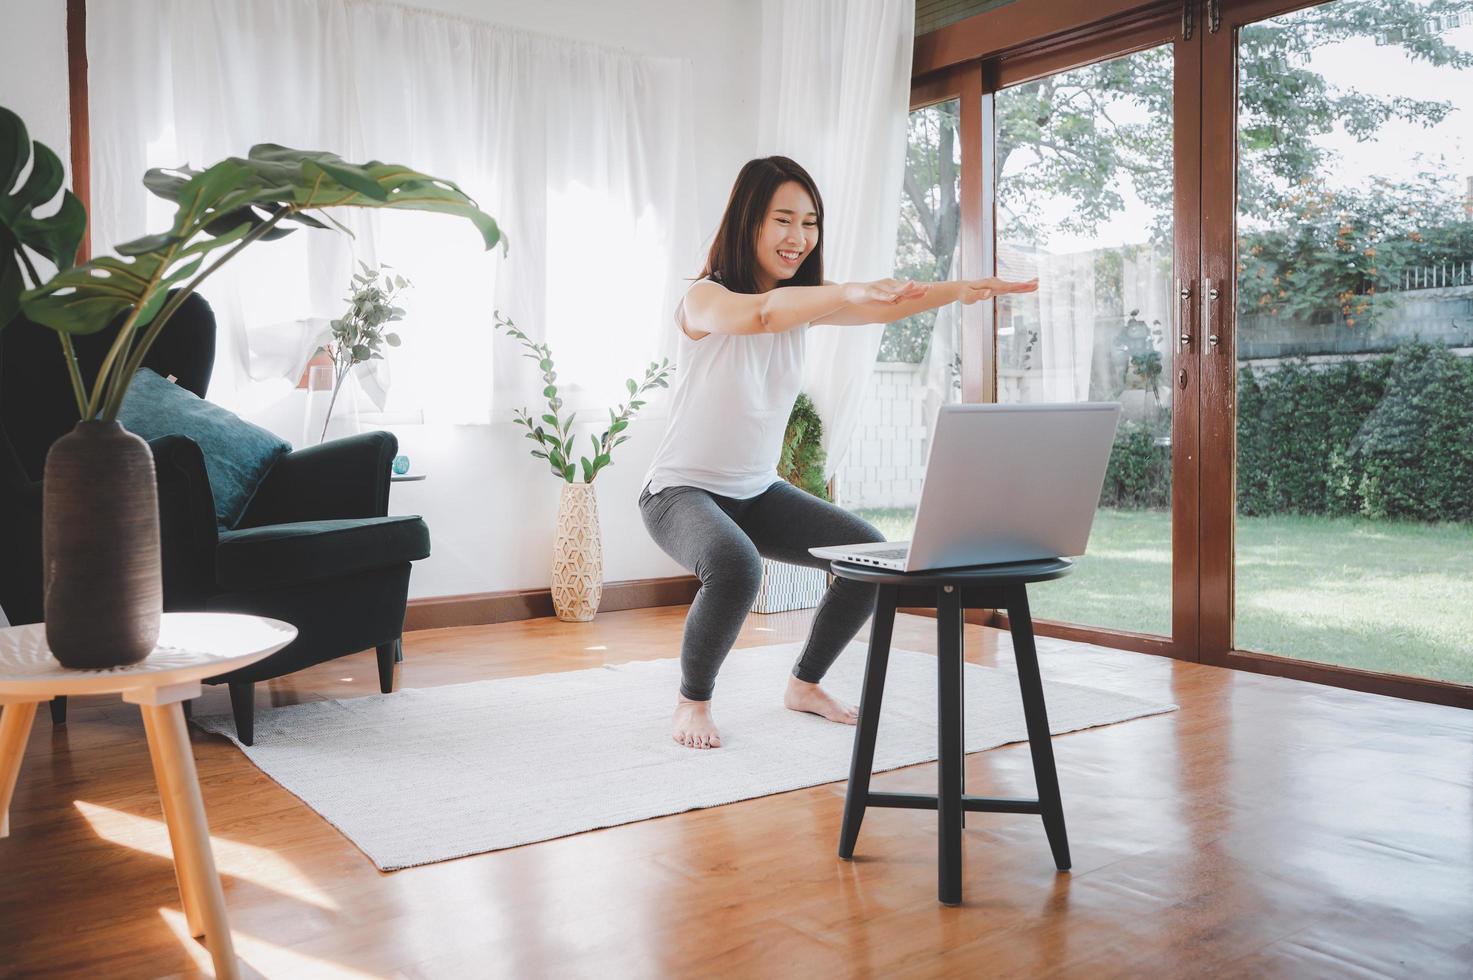 mulher aprendendo aula de exercício de treino on-line em casa do laptop foto